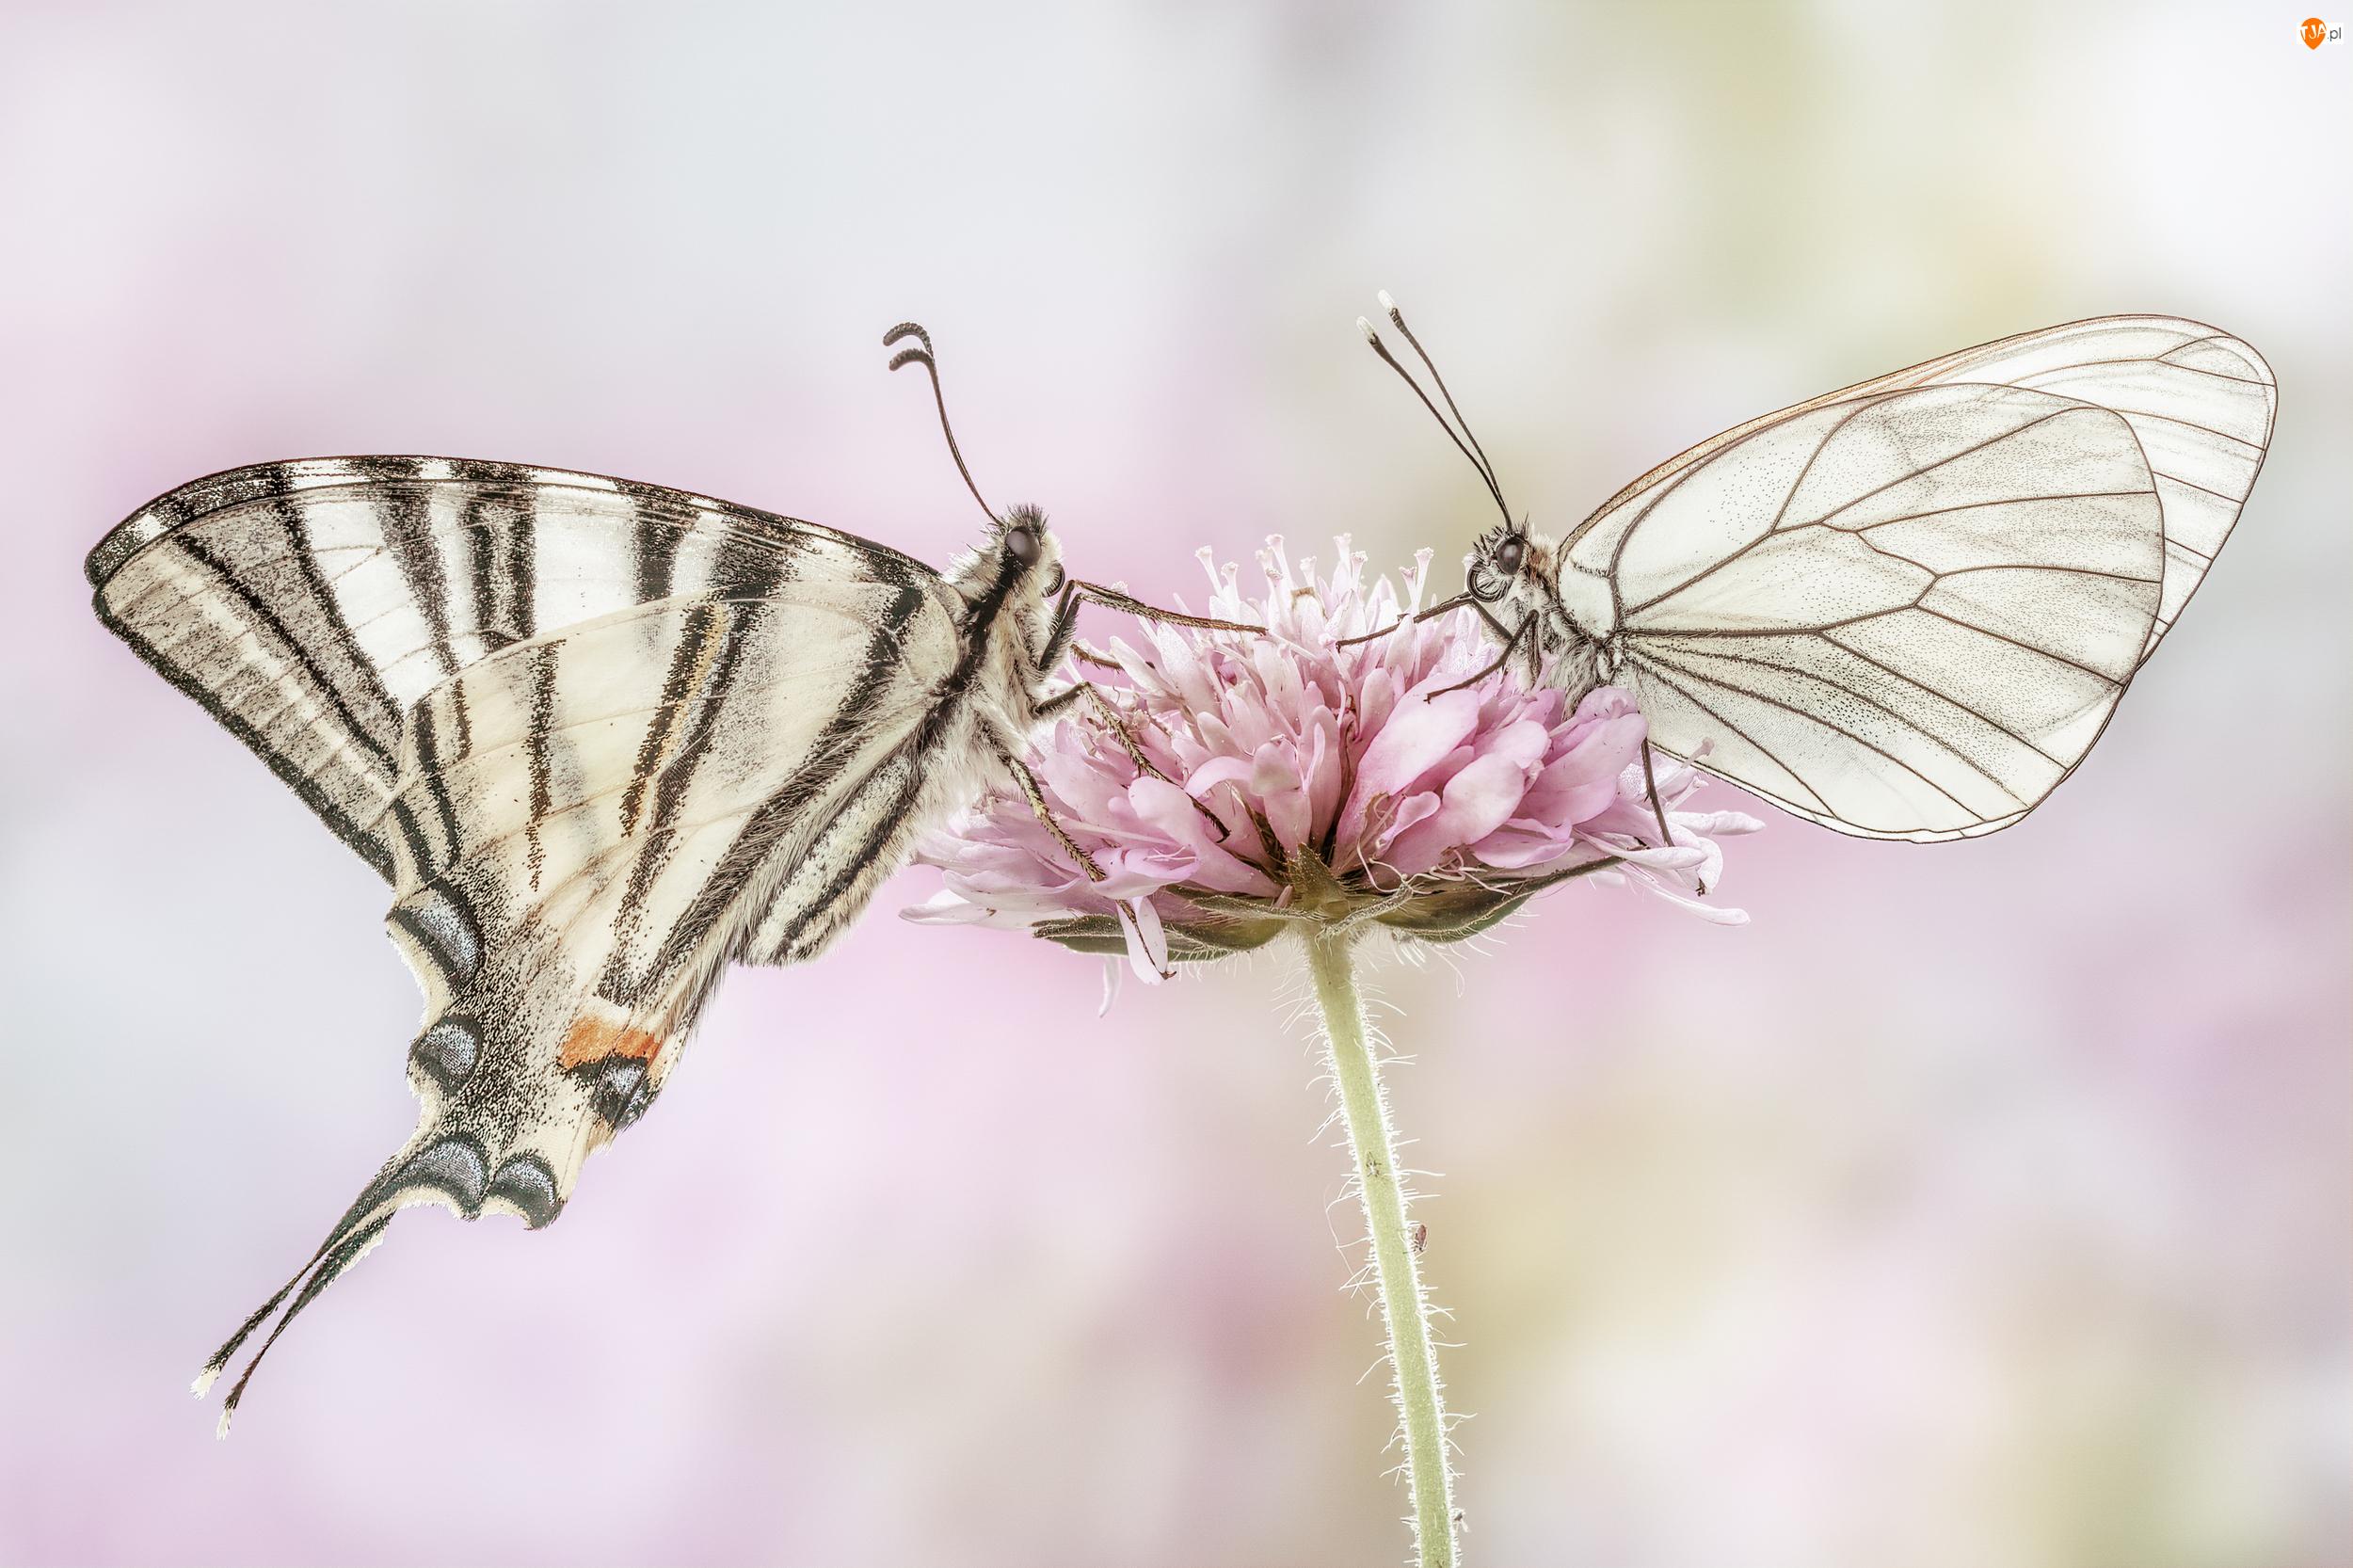 Paź żeglarz, Kwiat, Motyle, Dwa, Niestrzęp głogowiec